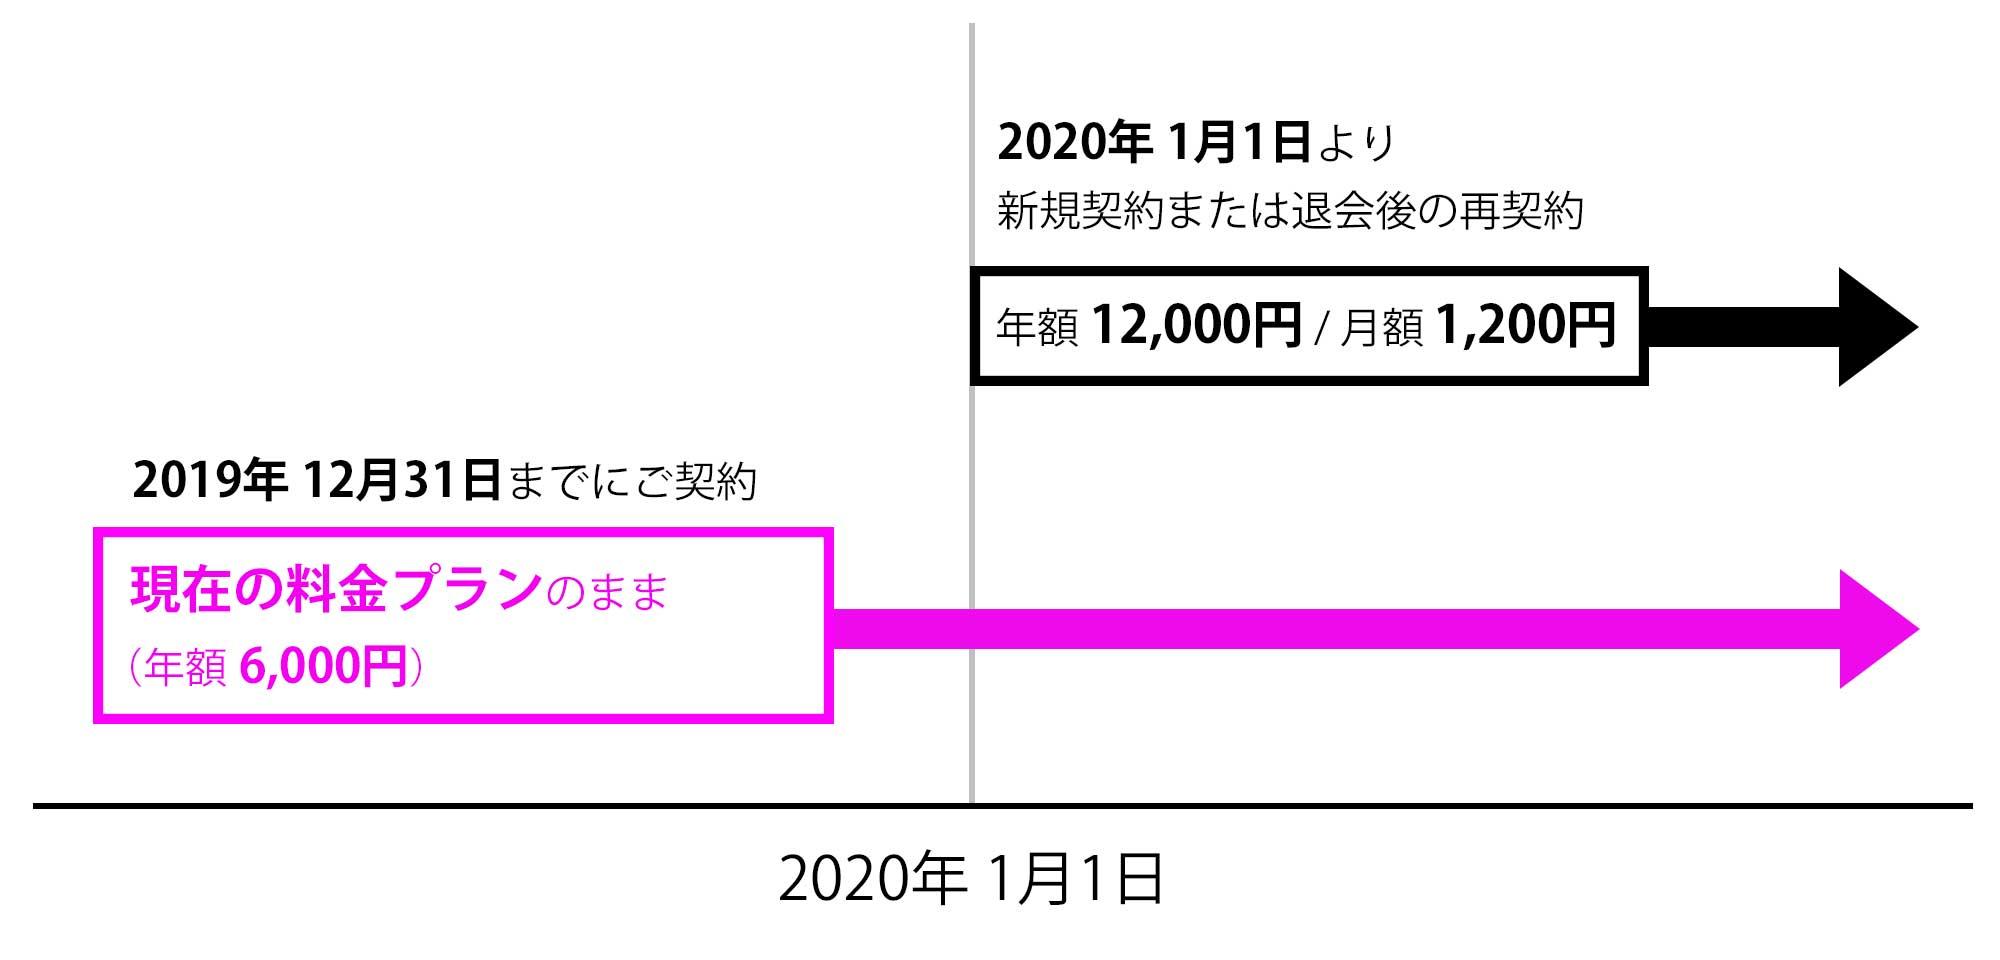 【重要なお知らせ】2020年1月よりGoogle Playでのスタンダードプラン新規お申し込み価格が年額12,000円になります